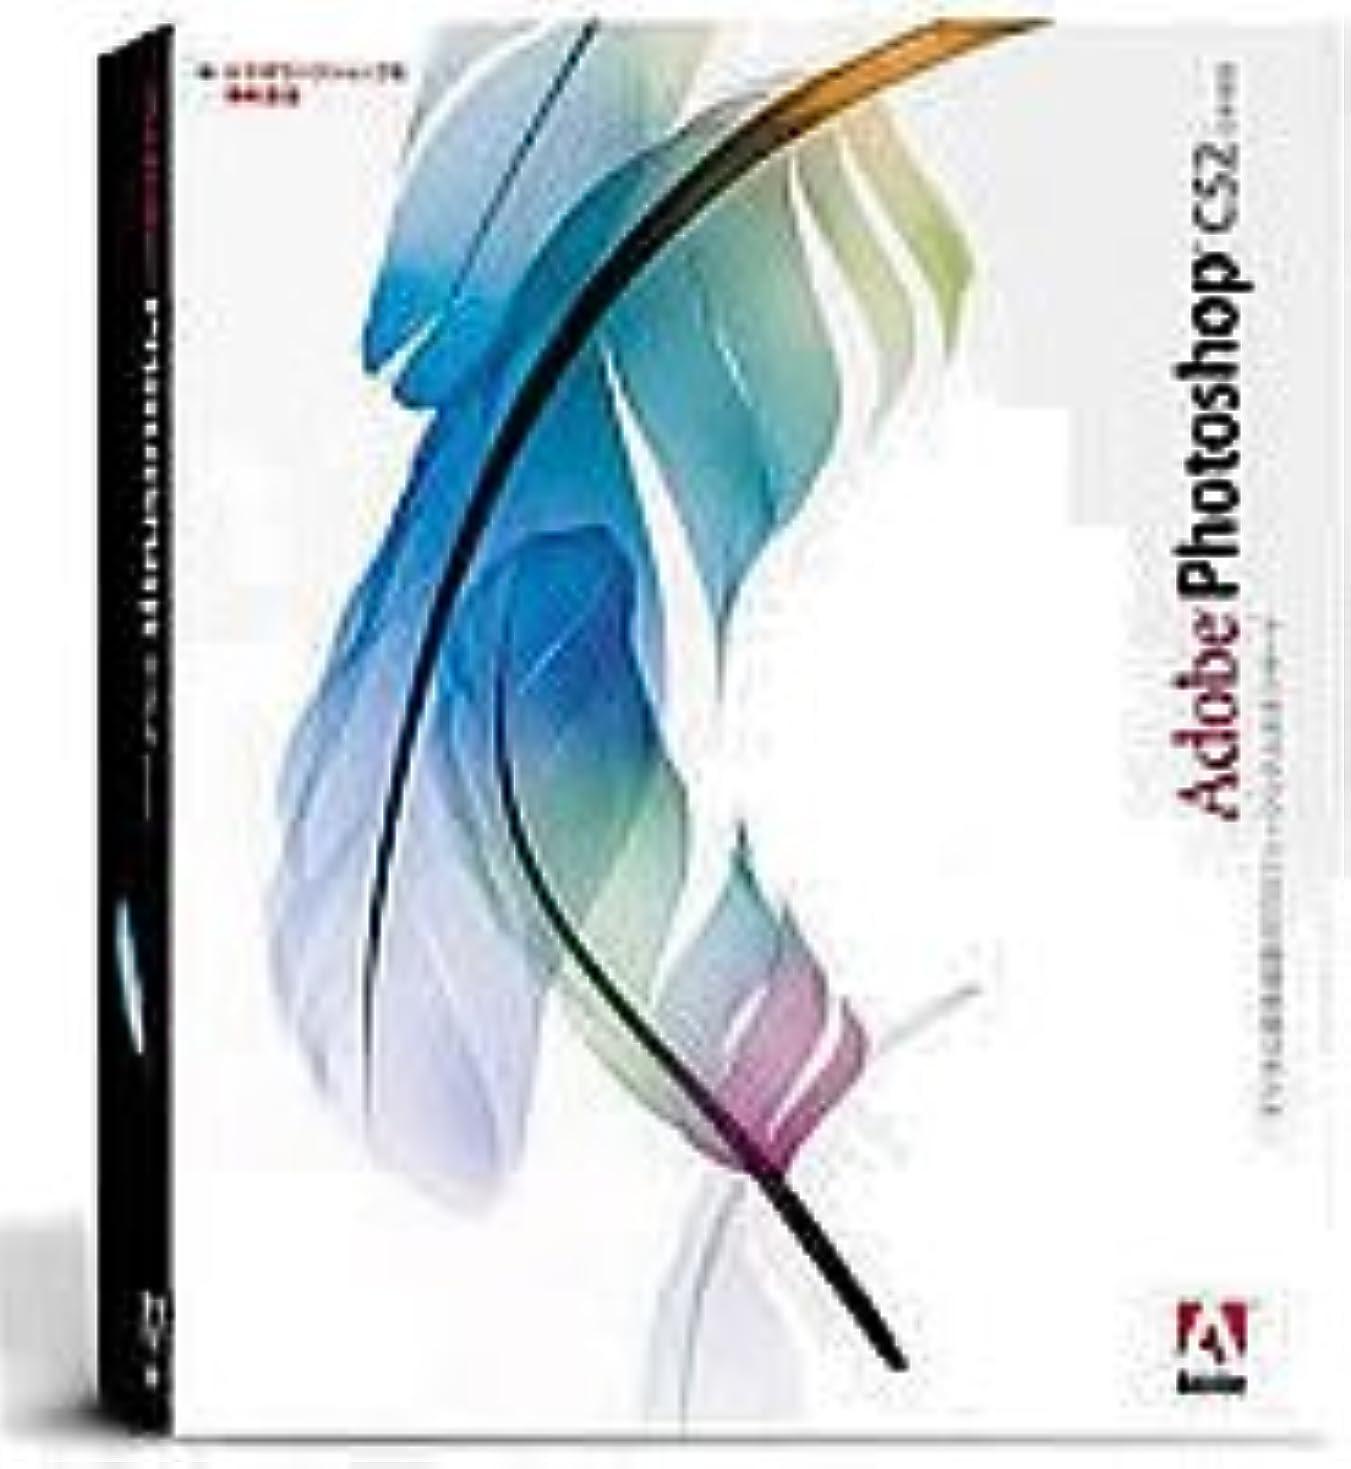 フィルタパレード心理学Adobe Photoshop CS2 日本語版 Windows版 (旧製品)